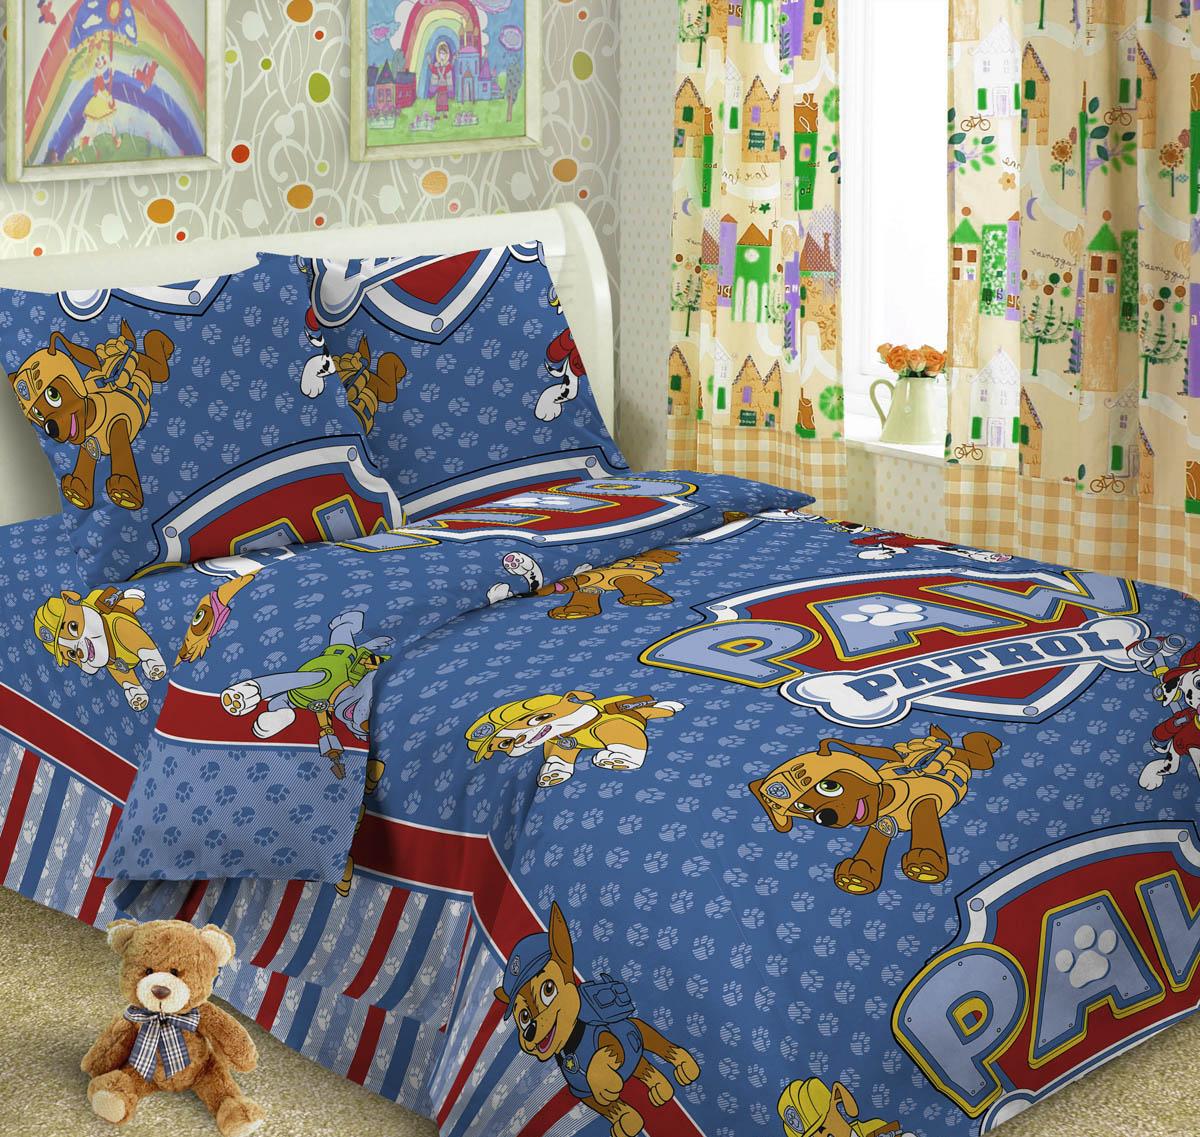 Letto Комплект детского постельного белья Догги цвет голубойdoggy_blue50Letto.kids - это веселые детские и подростковые дизайны, в хлопковом исполнении с хорошими устойчивыми красителями и все это по очень доступной цене! Такое белье прослужит долго и выдержит много стирок. Рисунок на наволочке может отличаться от представленного на фото. Пододеяльник 143х215 см, простынь 148х215 см, наволочка 50х70 см